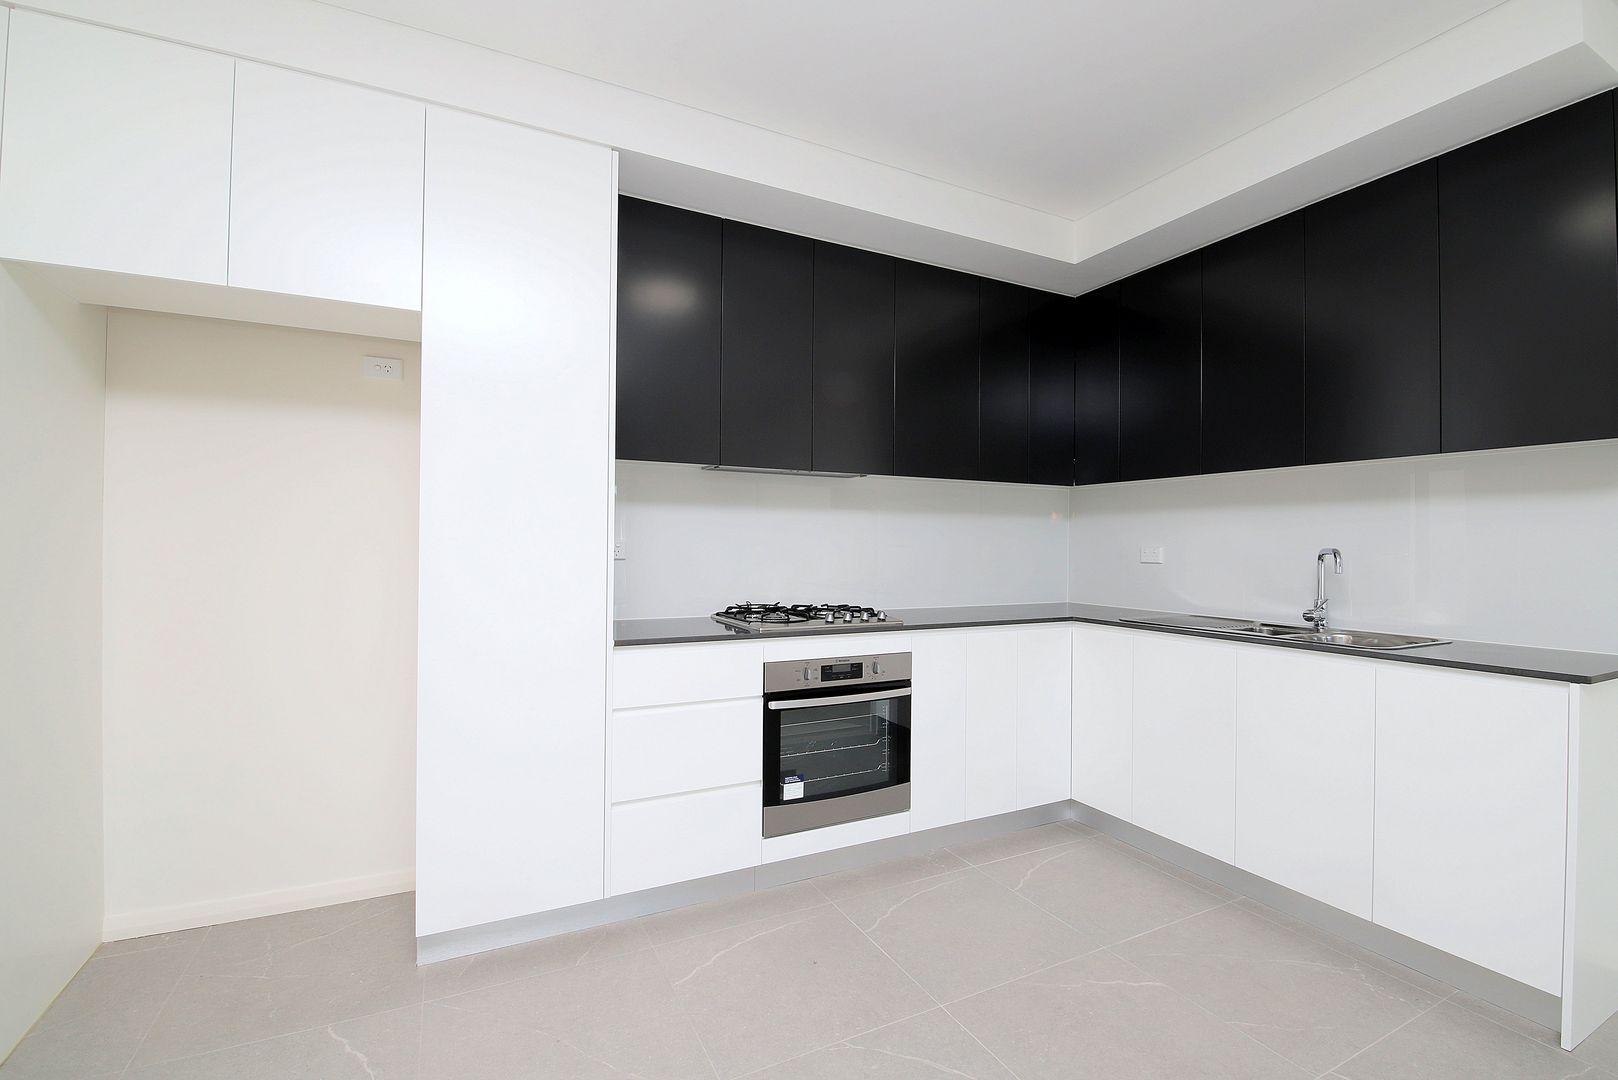 G02/106 Brancourt Avenue, Yagoona NSW 2199, Image 2